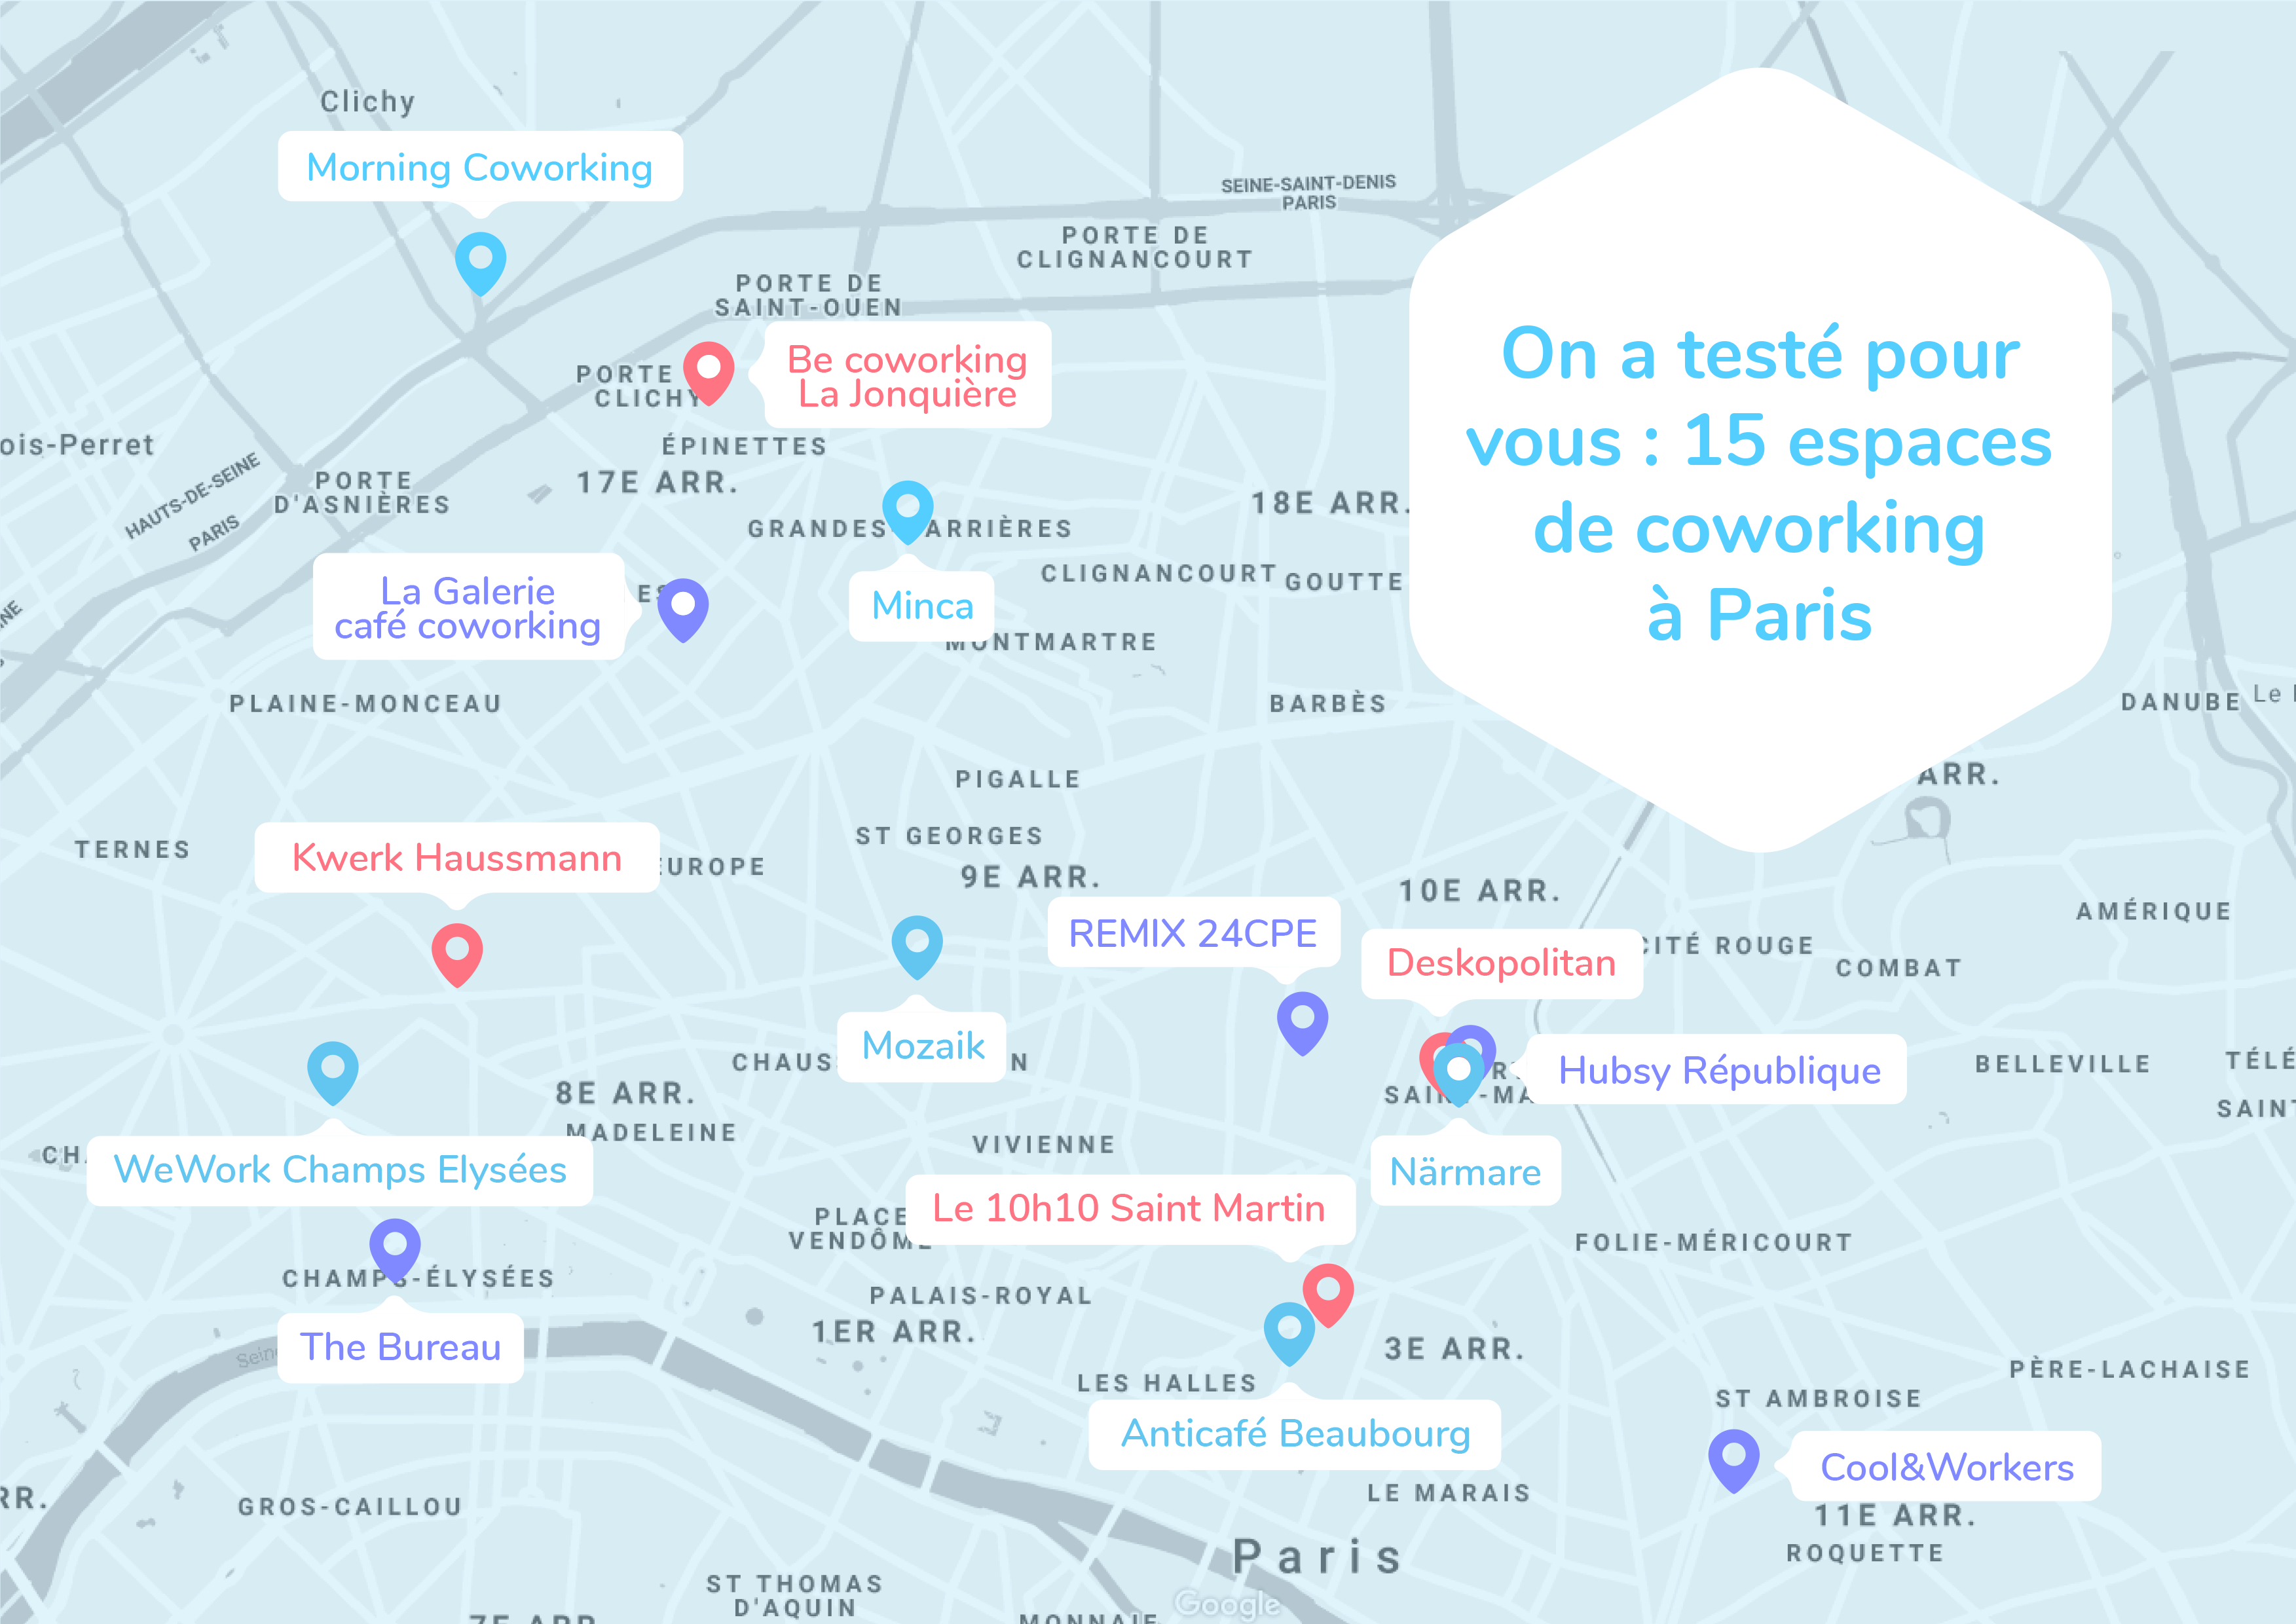 15 espaces de coworking à Paris